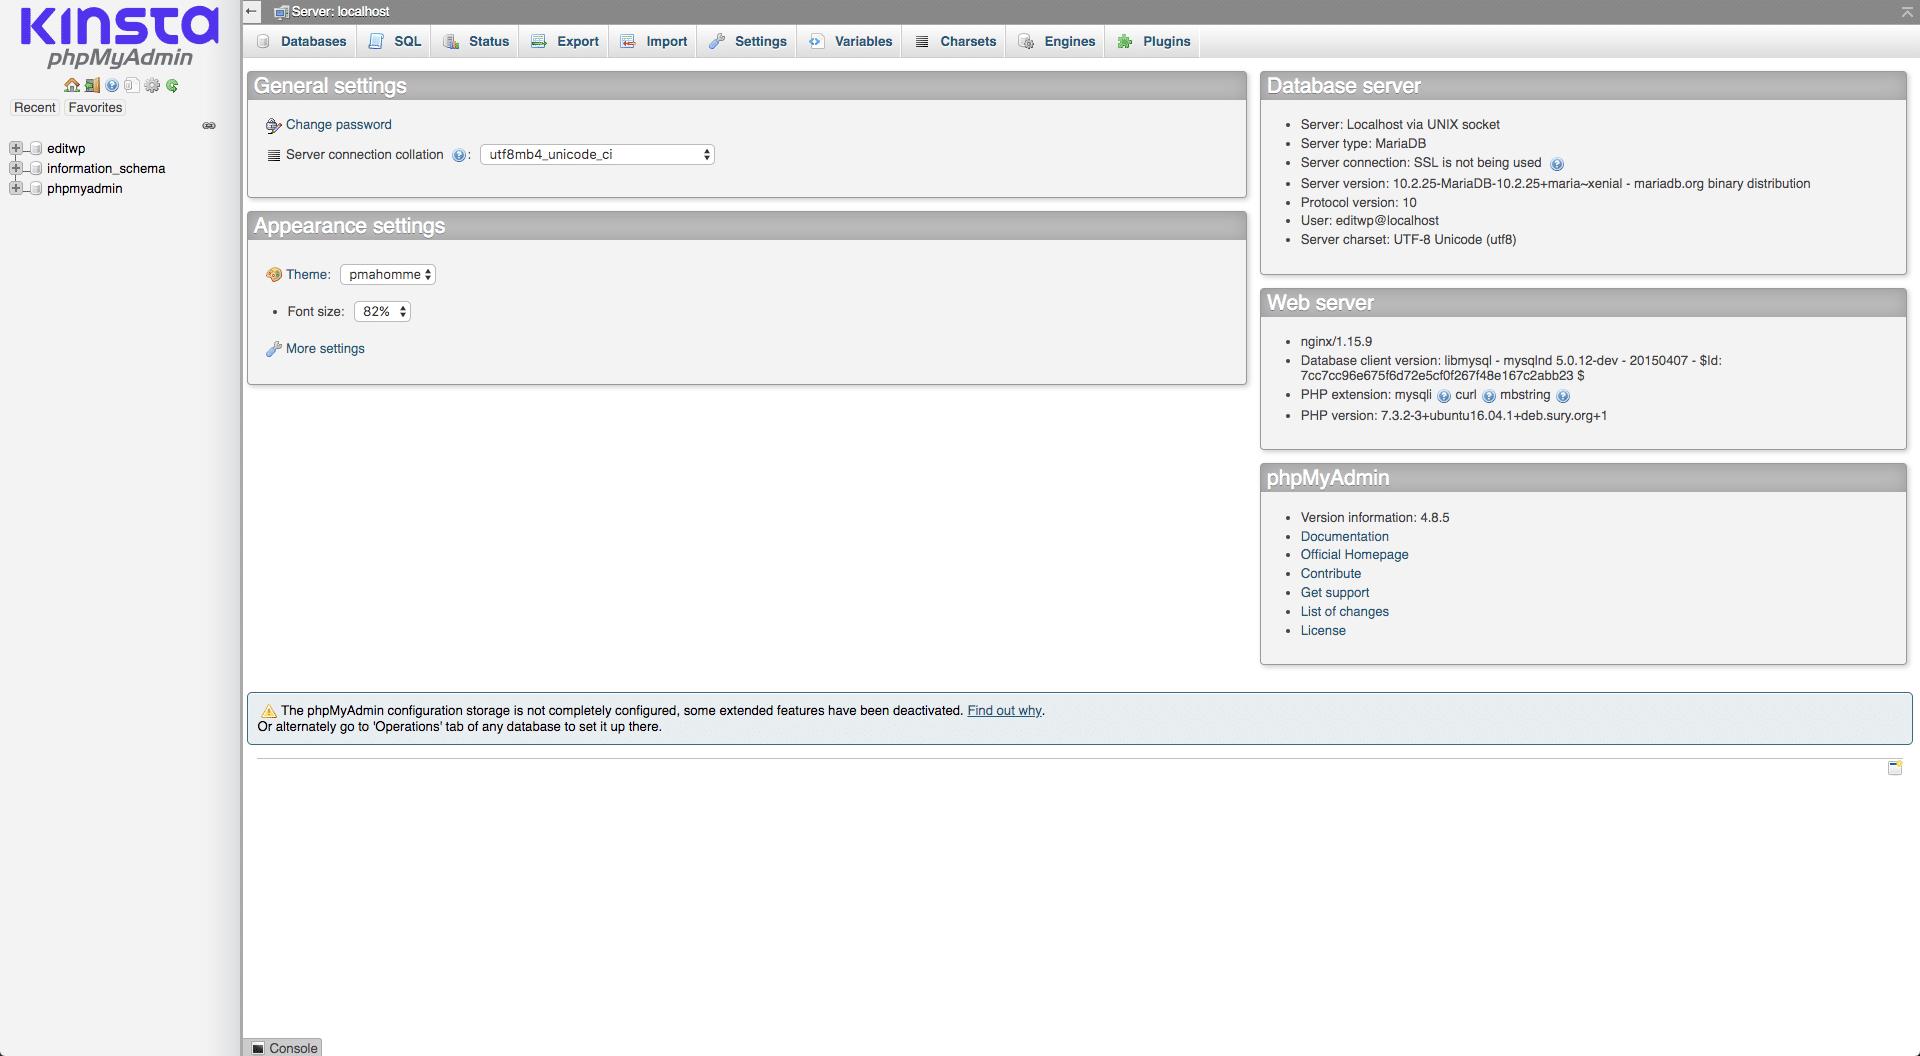 phpMyAdmin manager